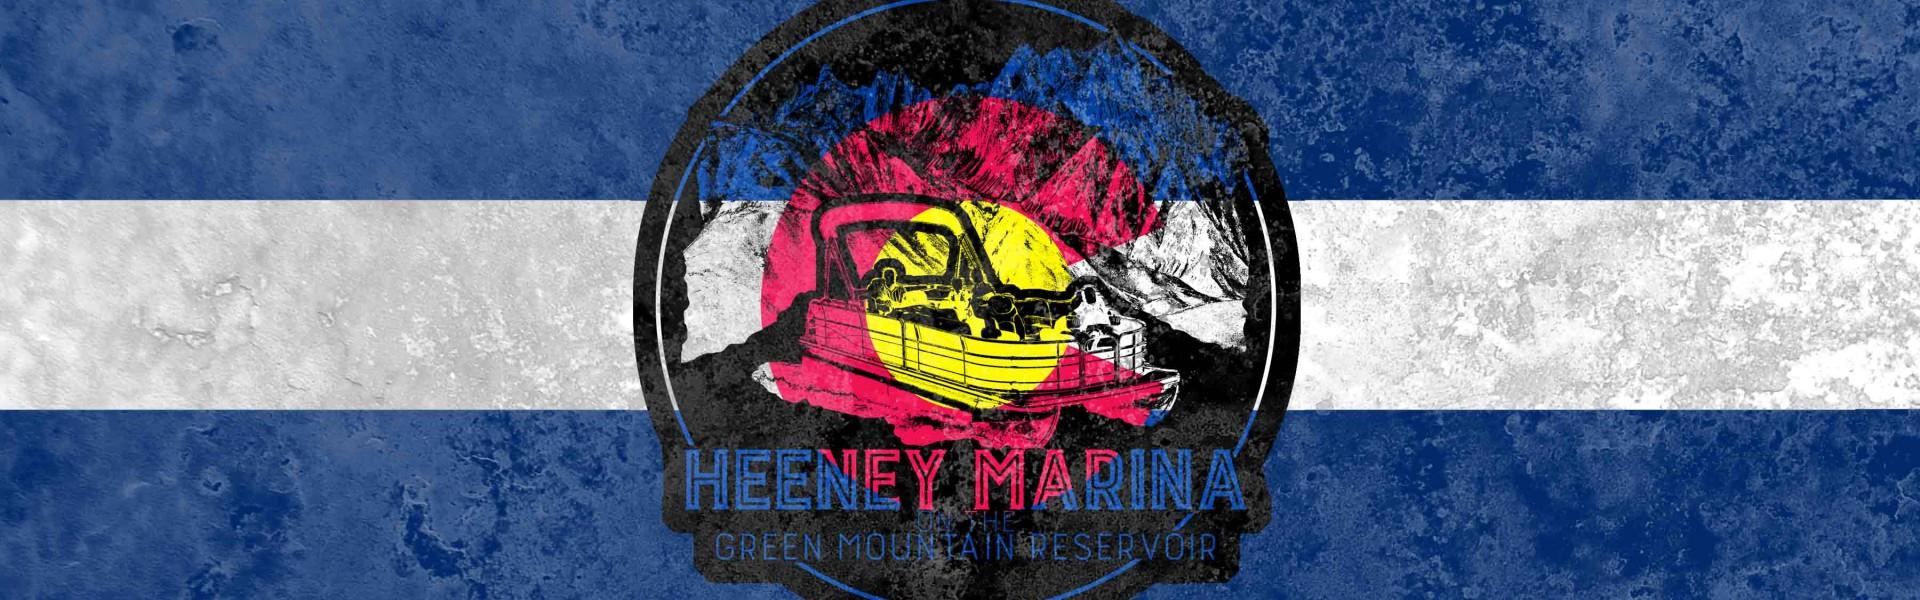 Heeney Marina